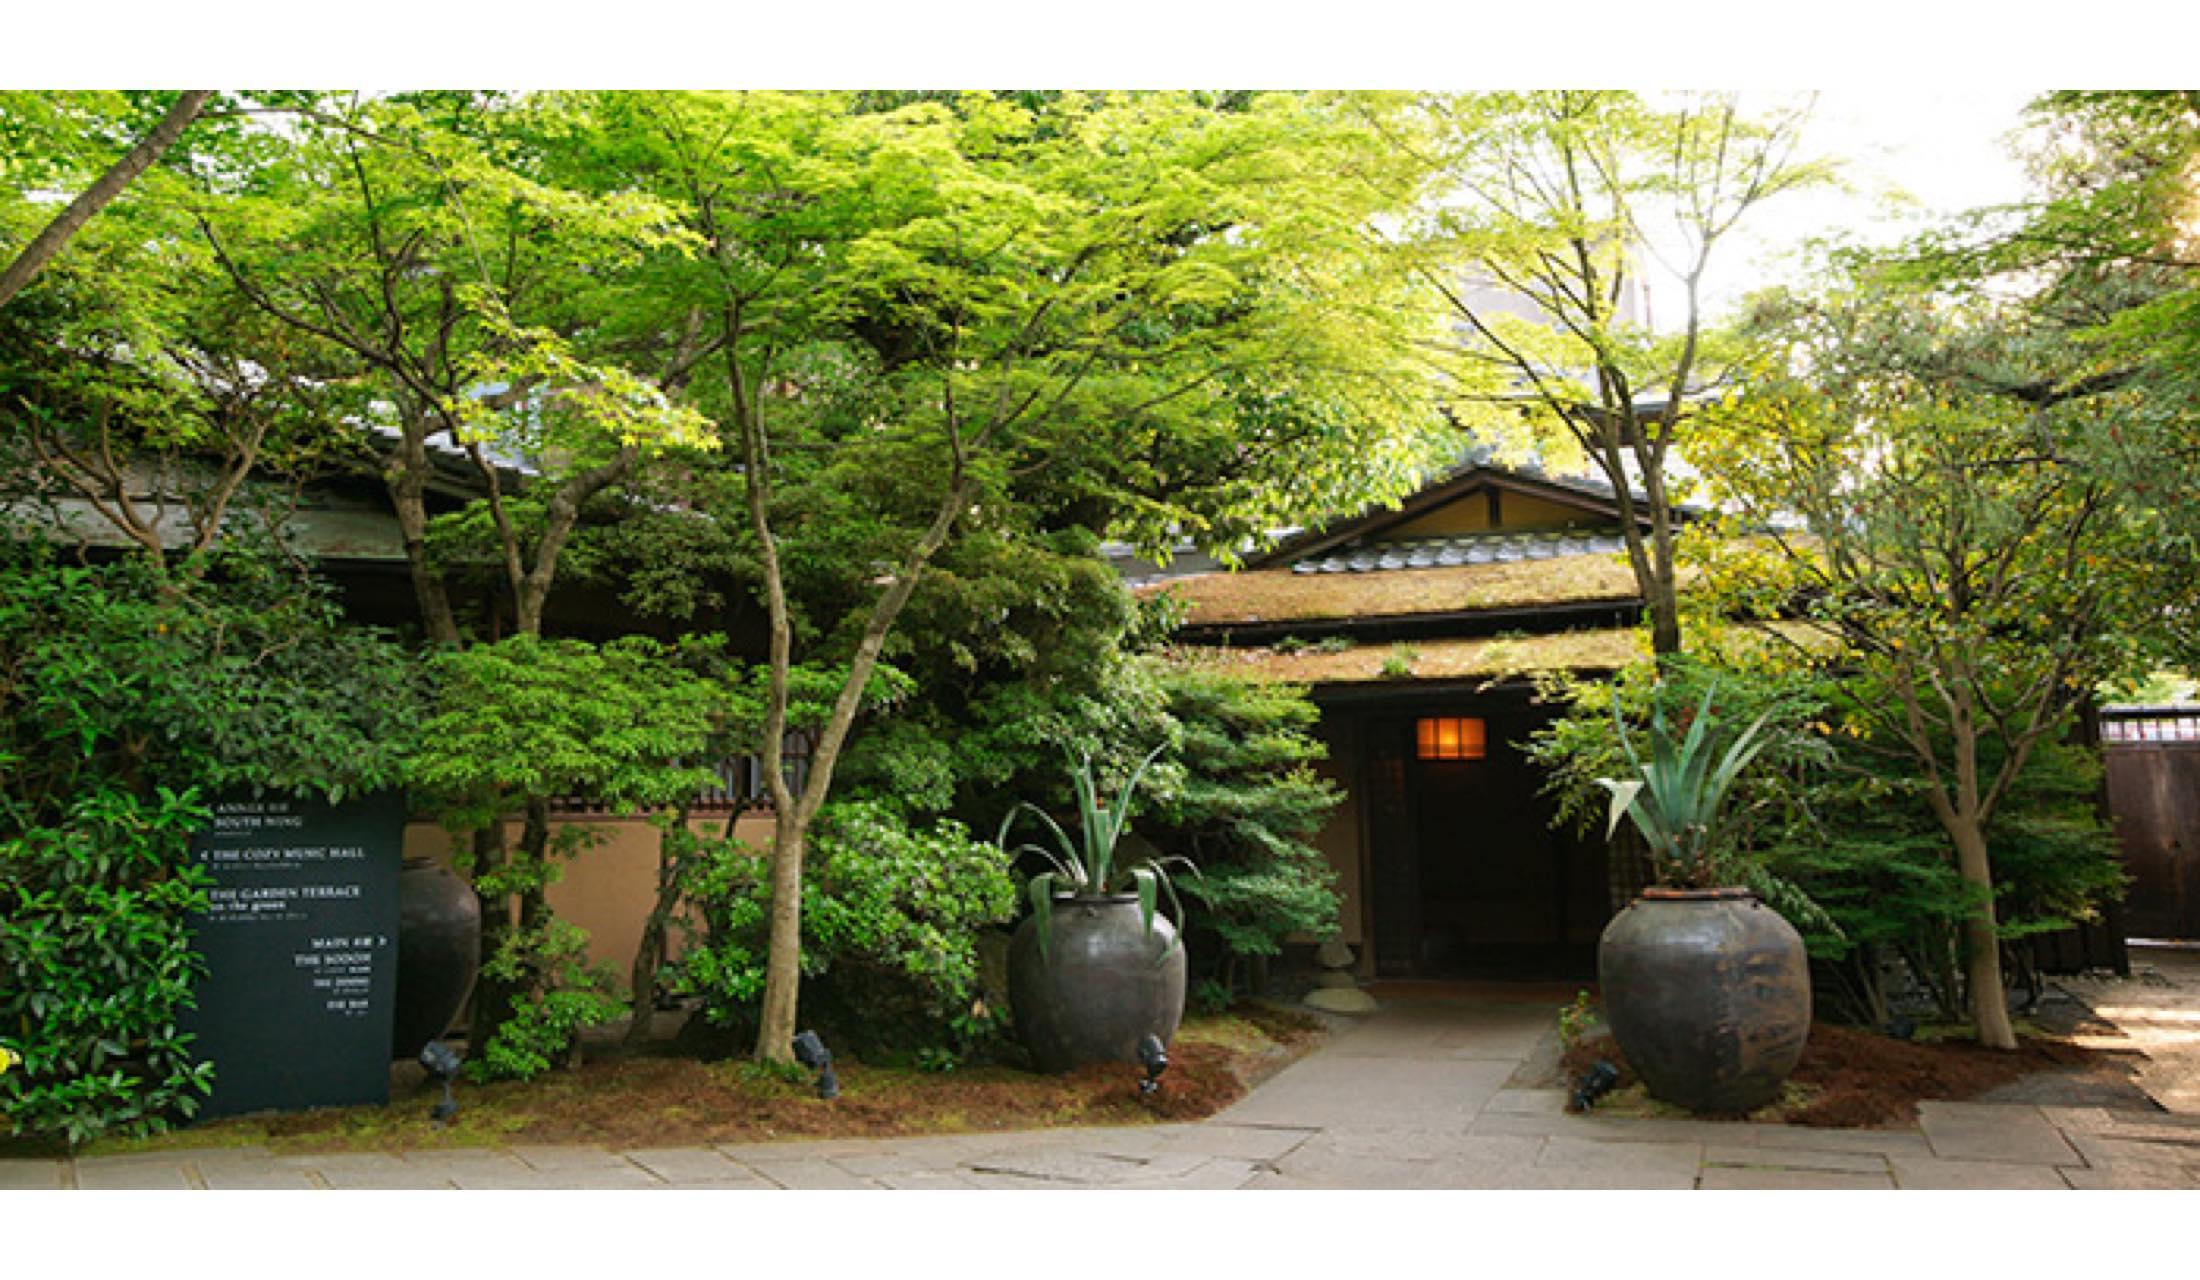 THE SODOH HIGASHIYAMA KYOTO(ザ ソウドウ ヒガシヤマ キョウト)|東山の外観